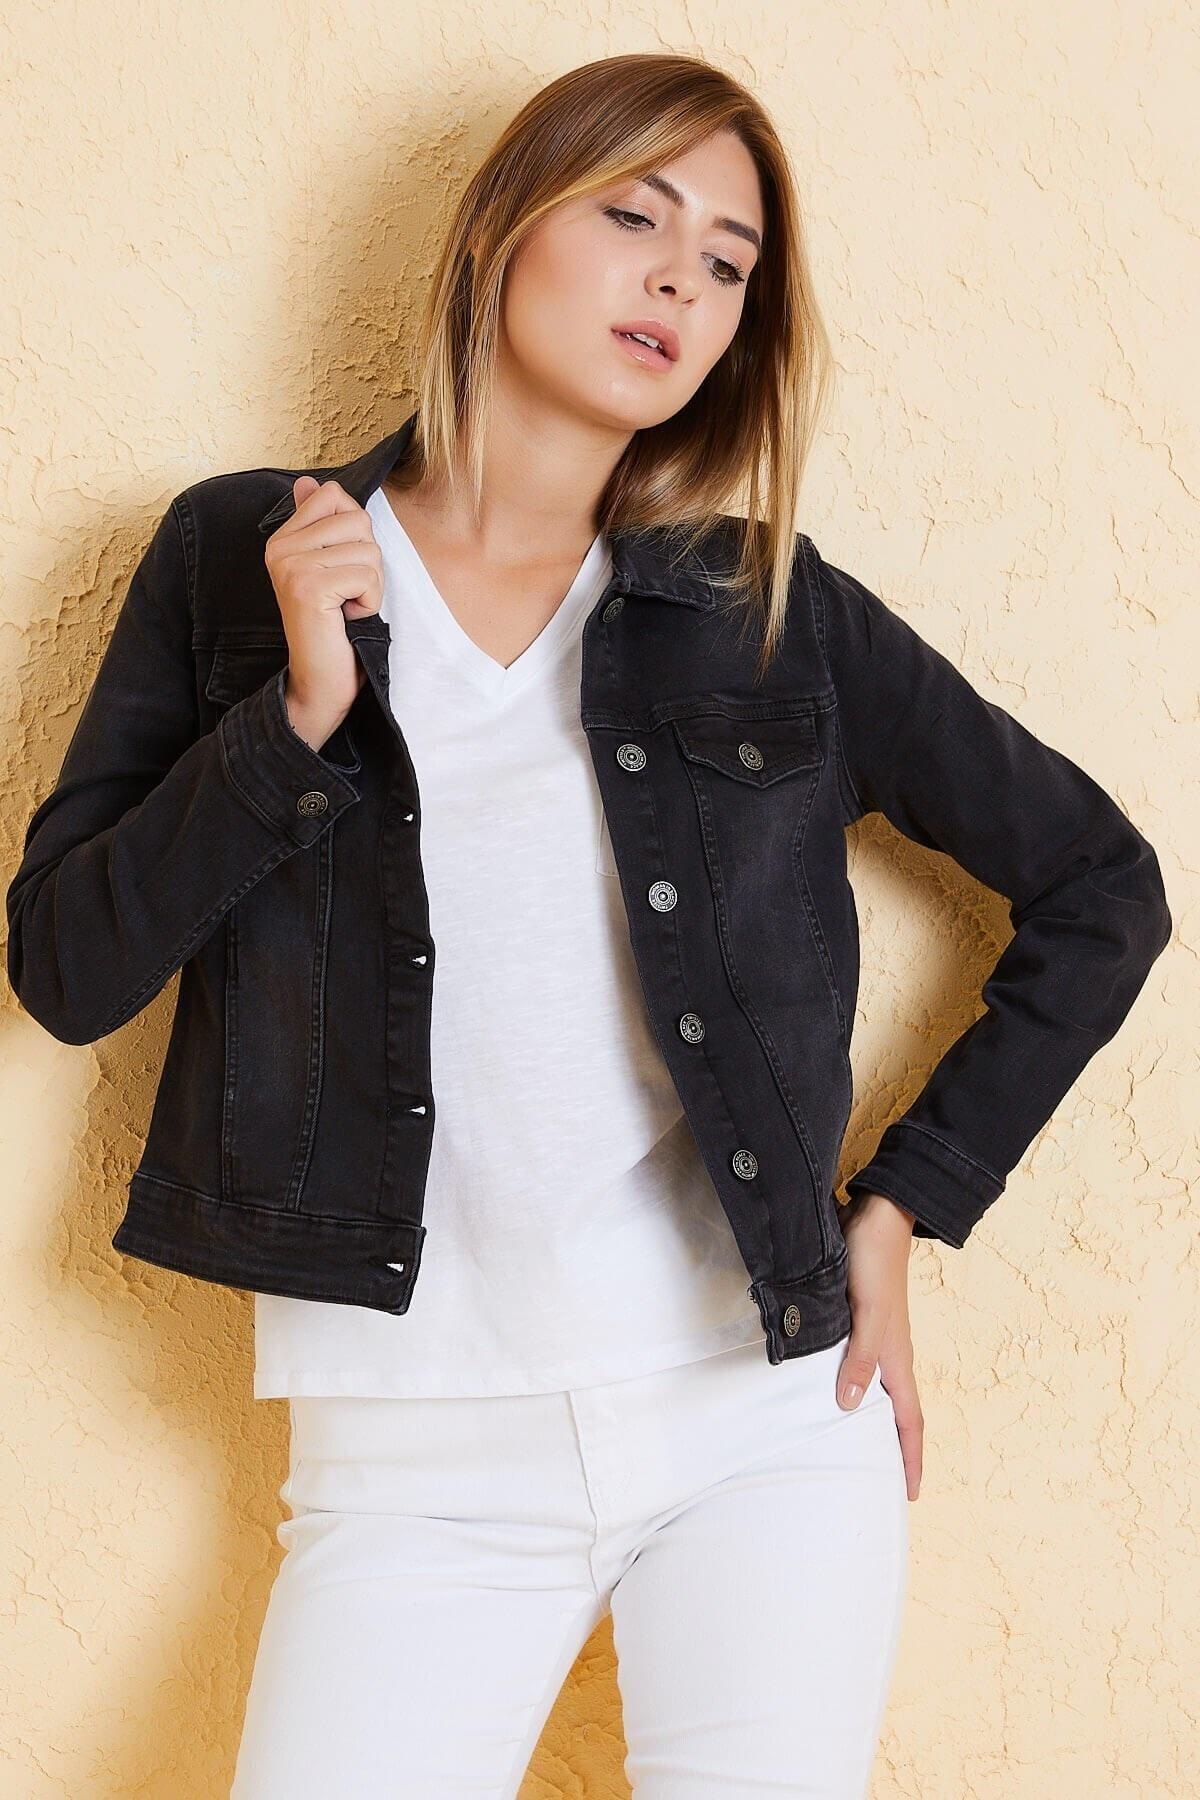 Twister Jeans Kadın Bm J05-03 Sıyah 1